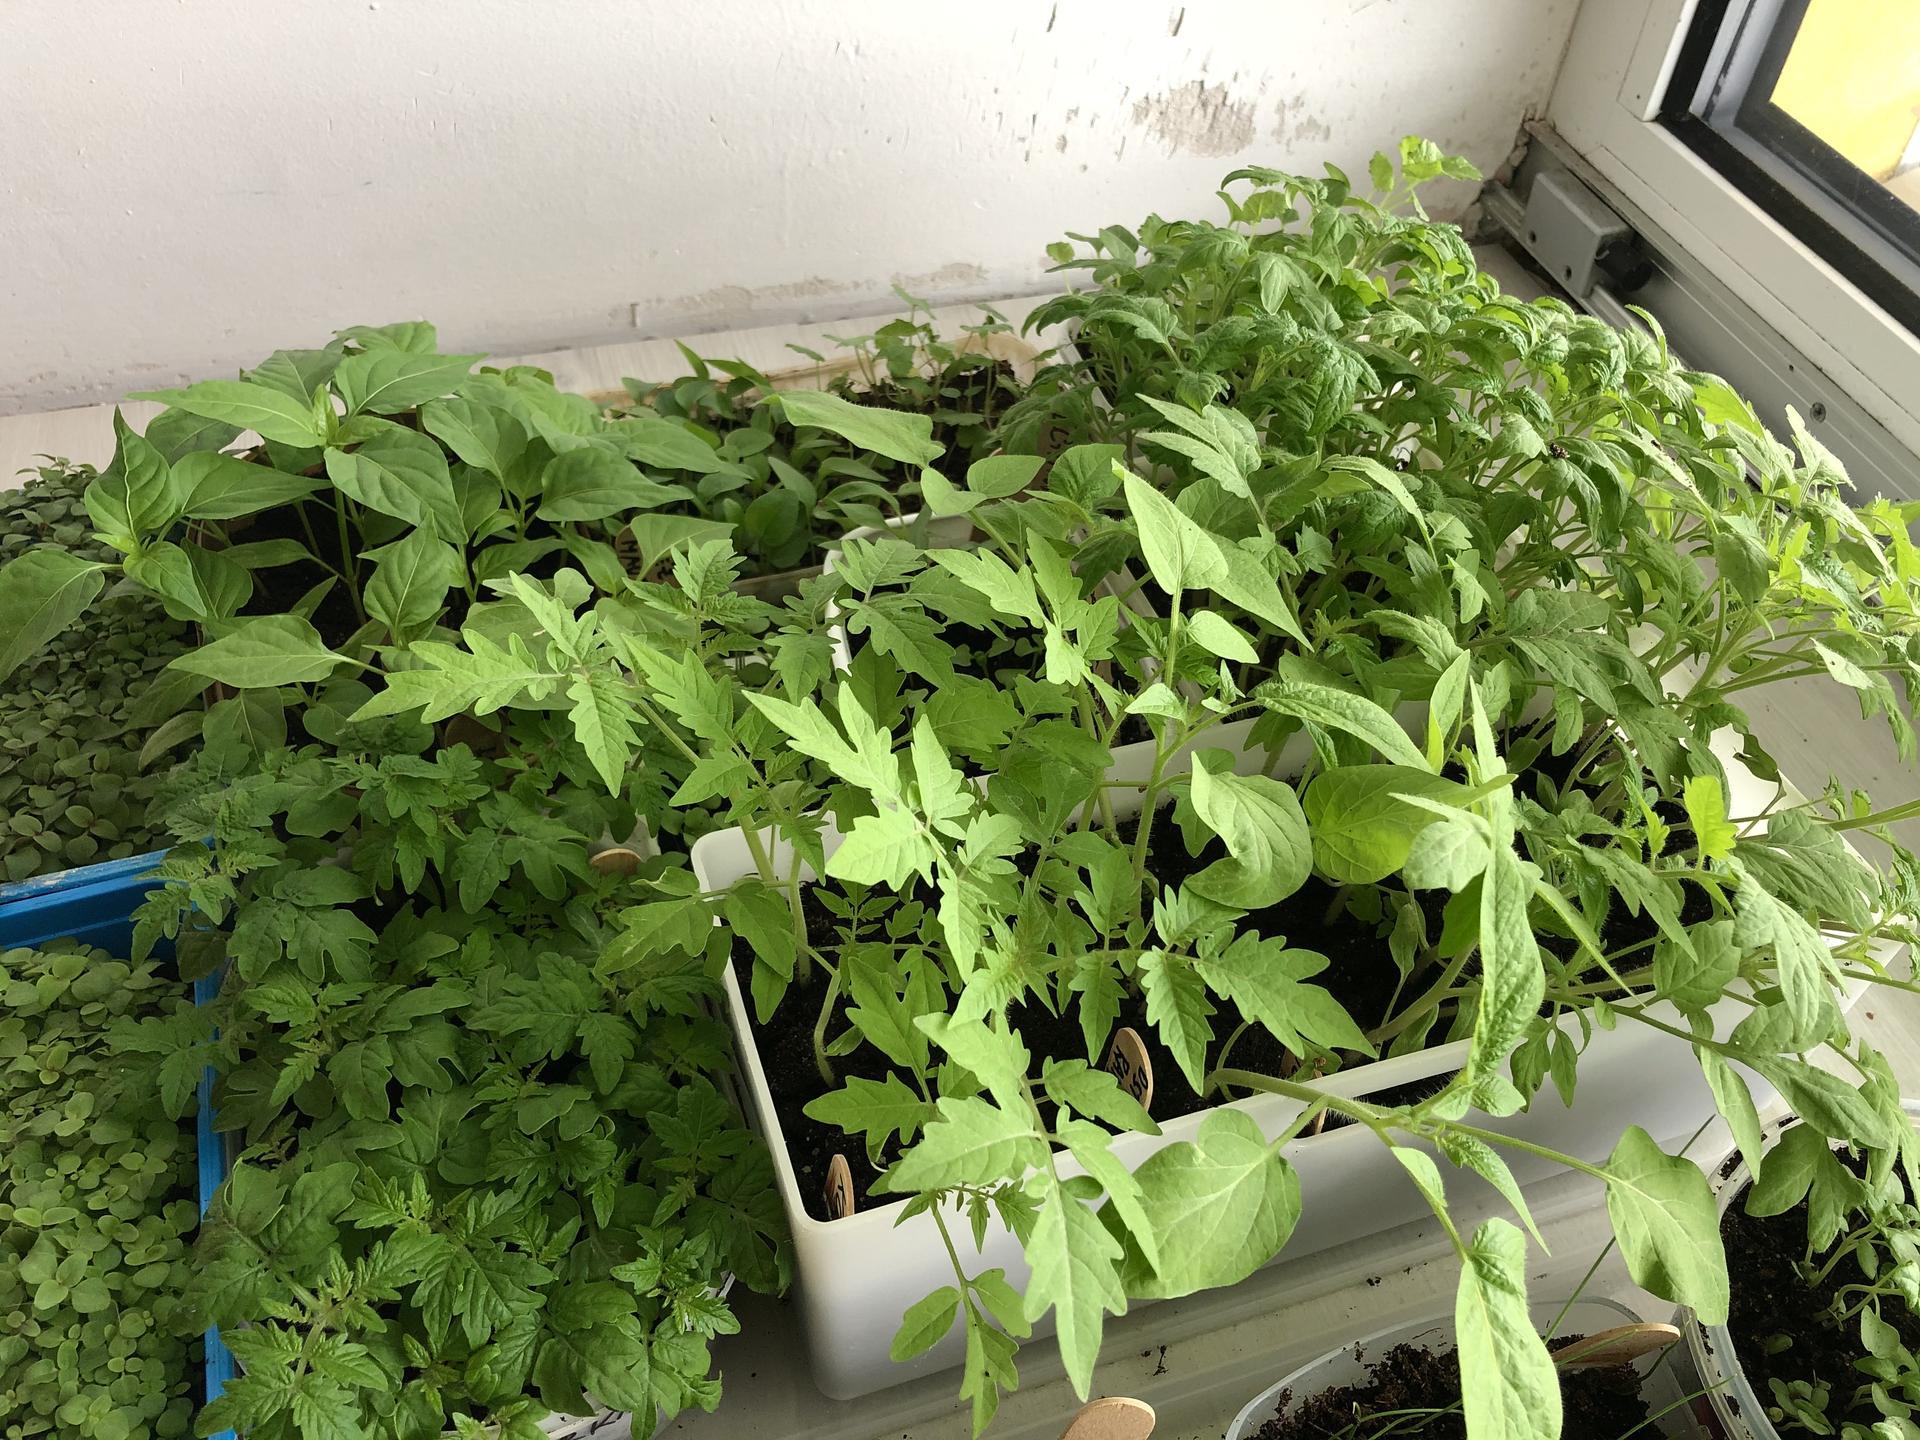 Skřítčí zahrada 2021 - Duben 2021 - letos se sazenicím rajčat a paprik daří (loni z nich nebylo vůbec nic)